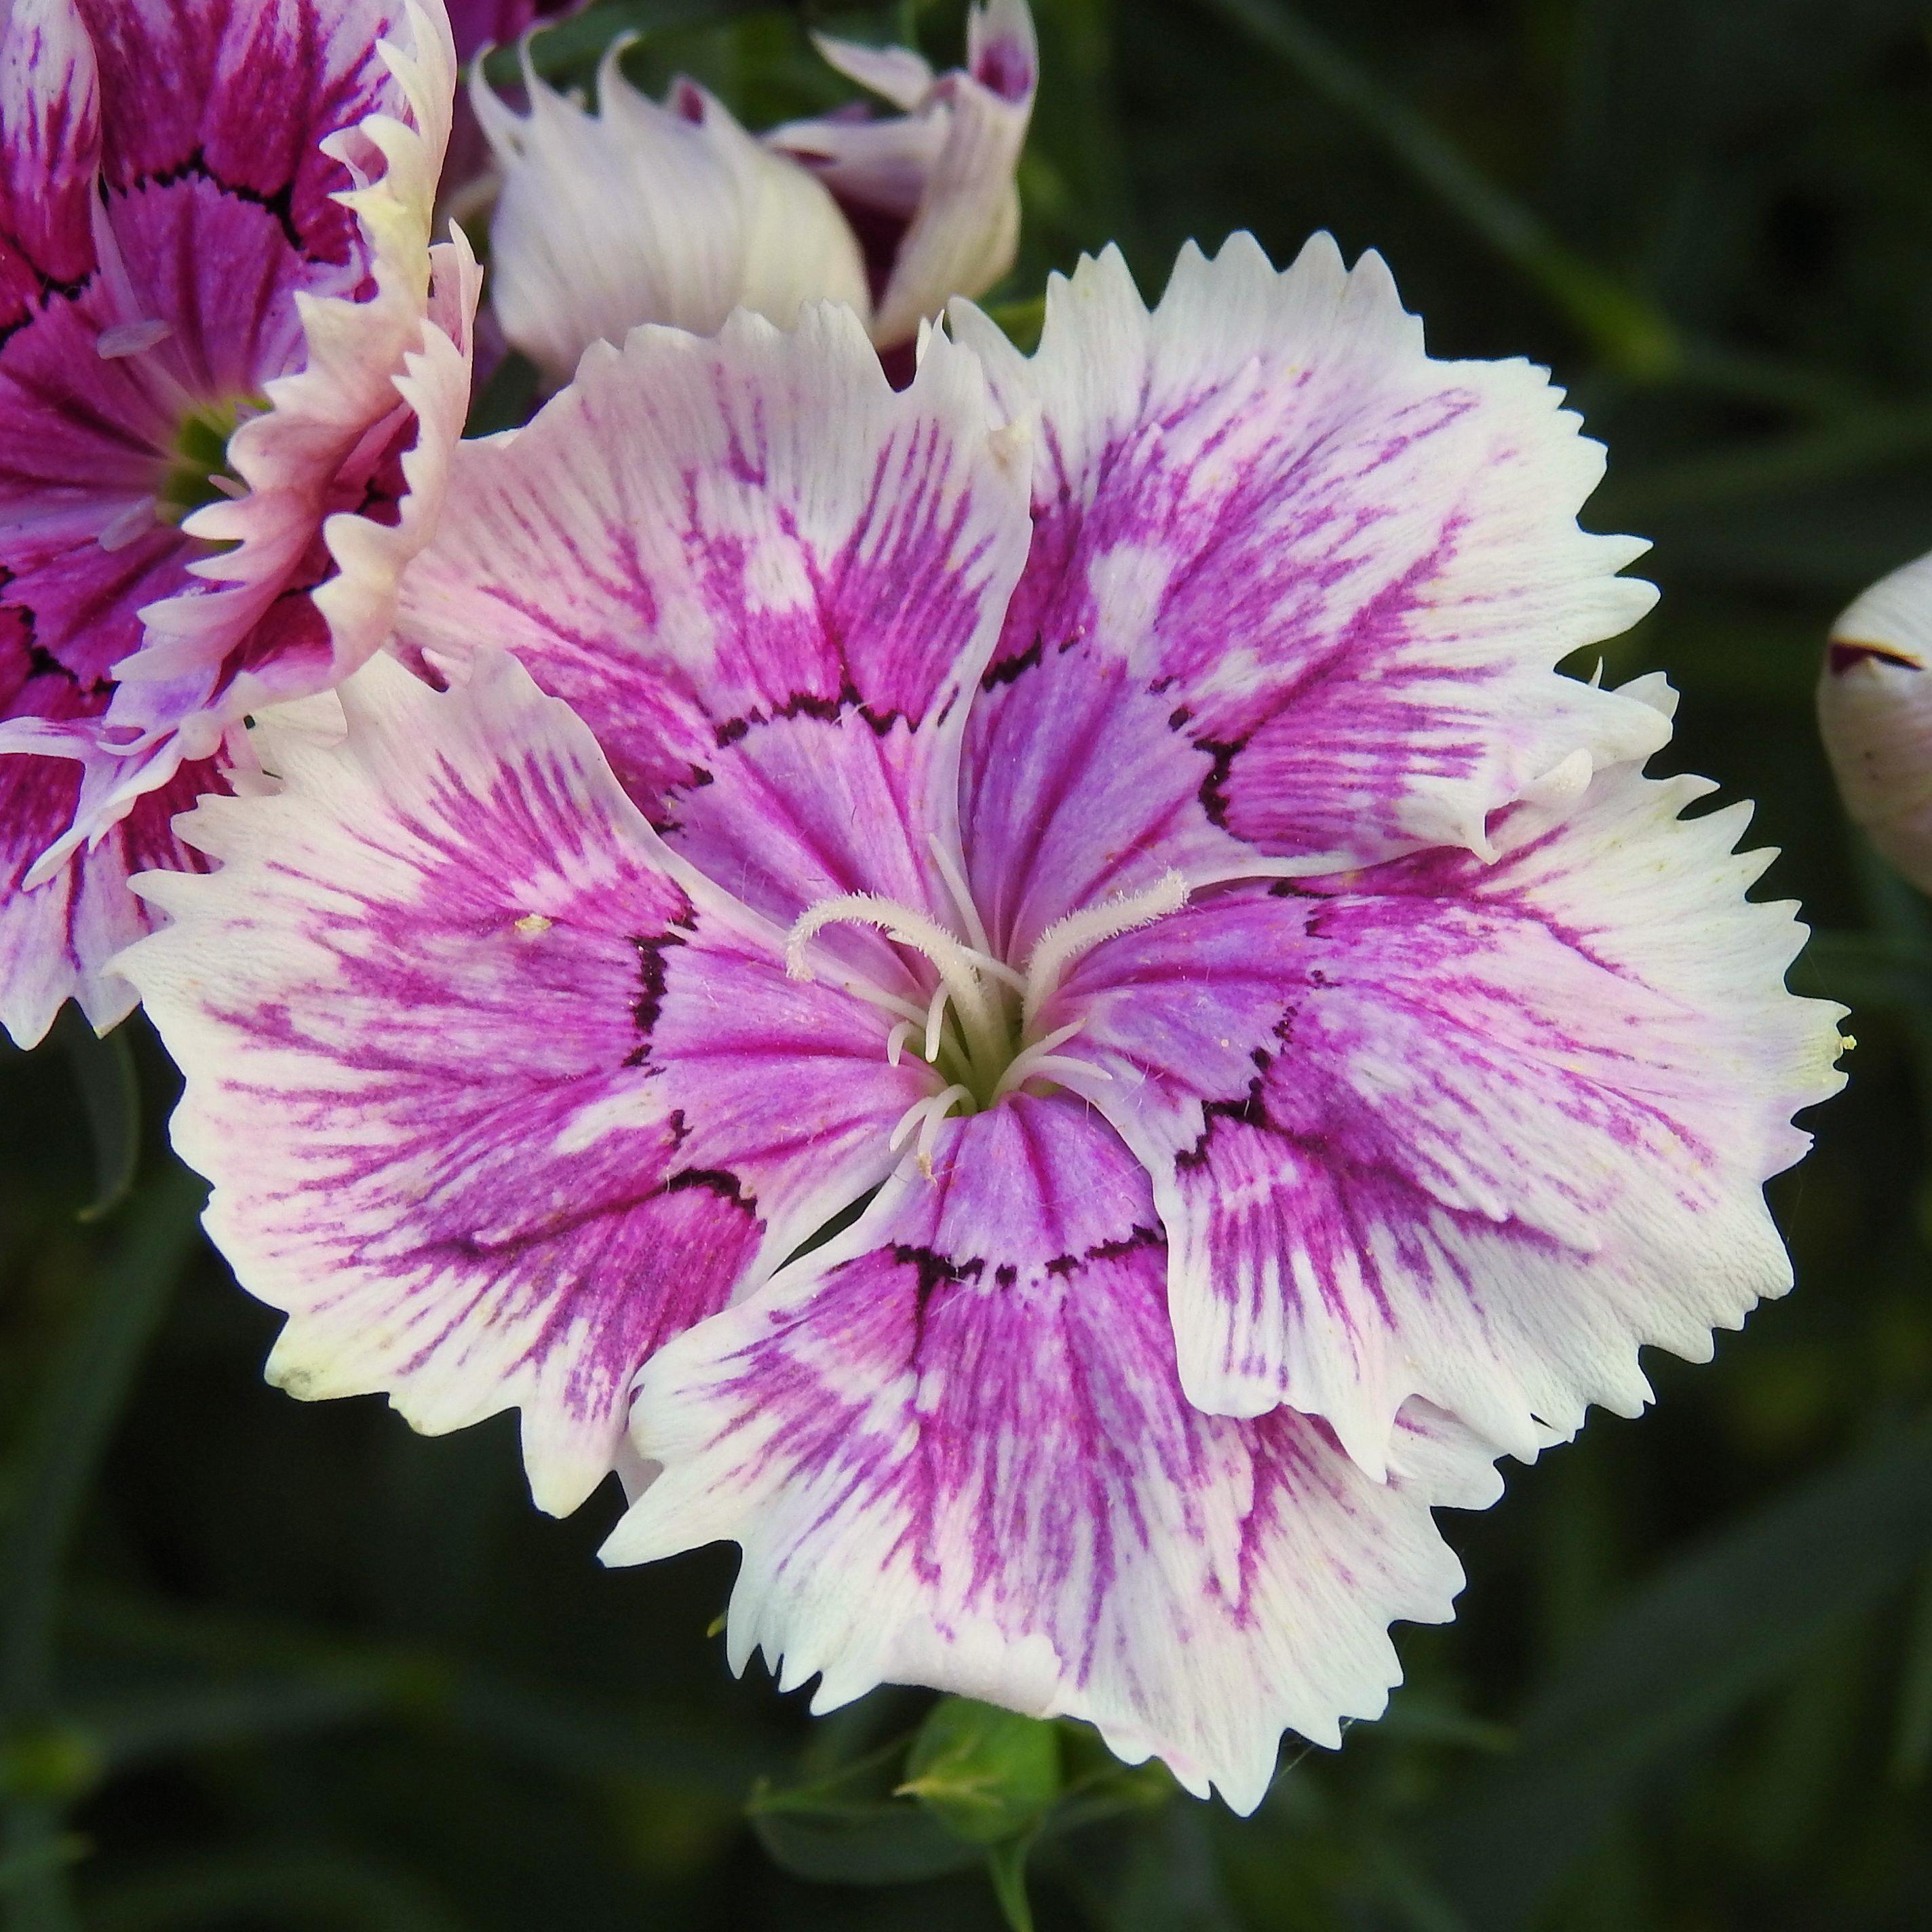 Free Images Blossom Flower Petal Bloom Flora Dianthus